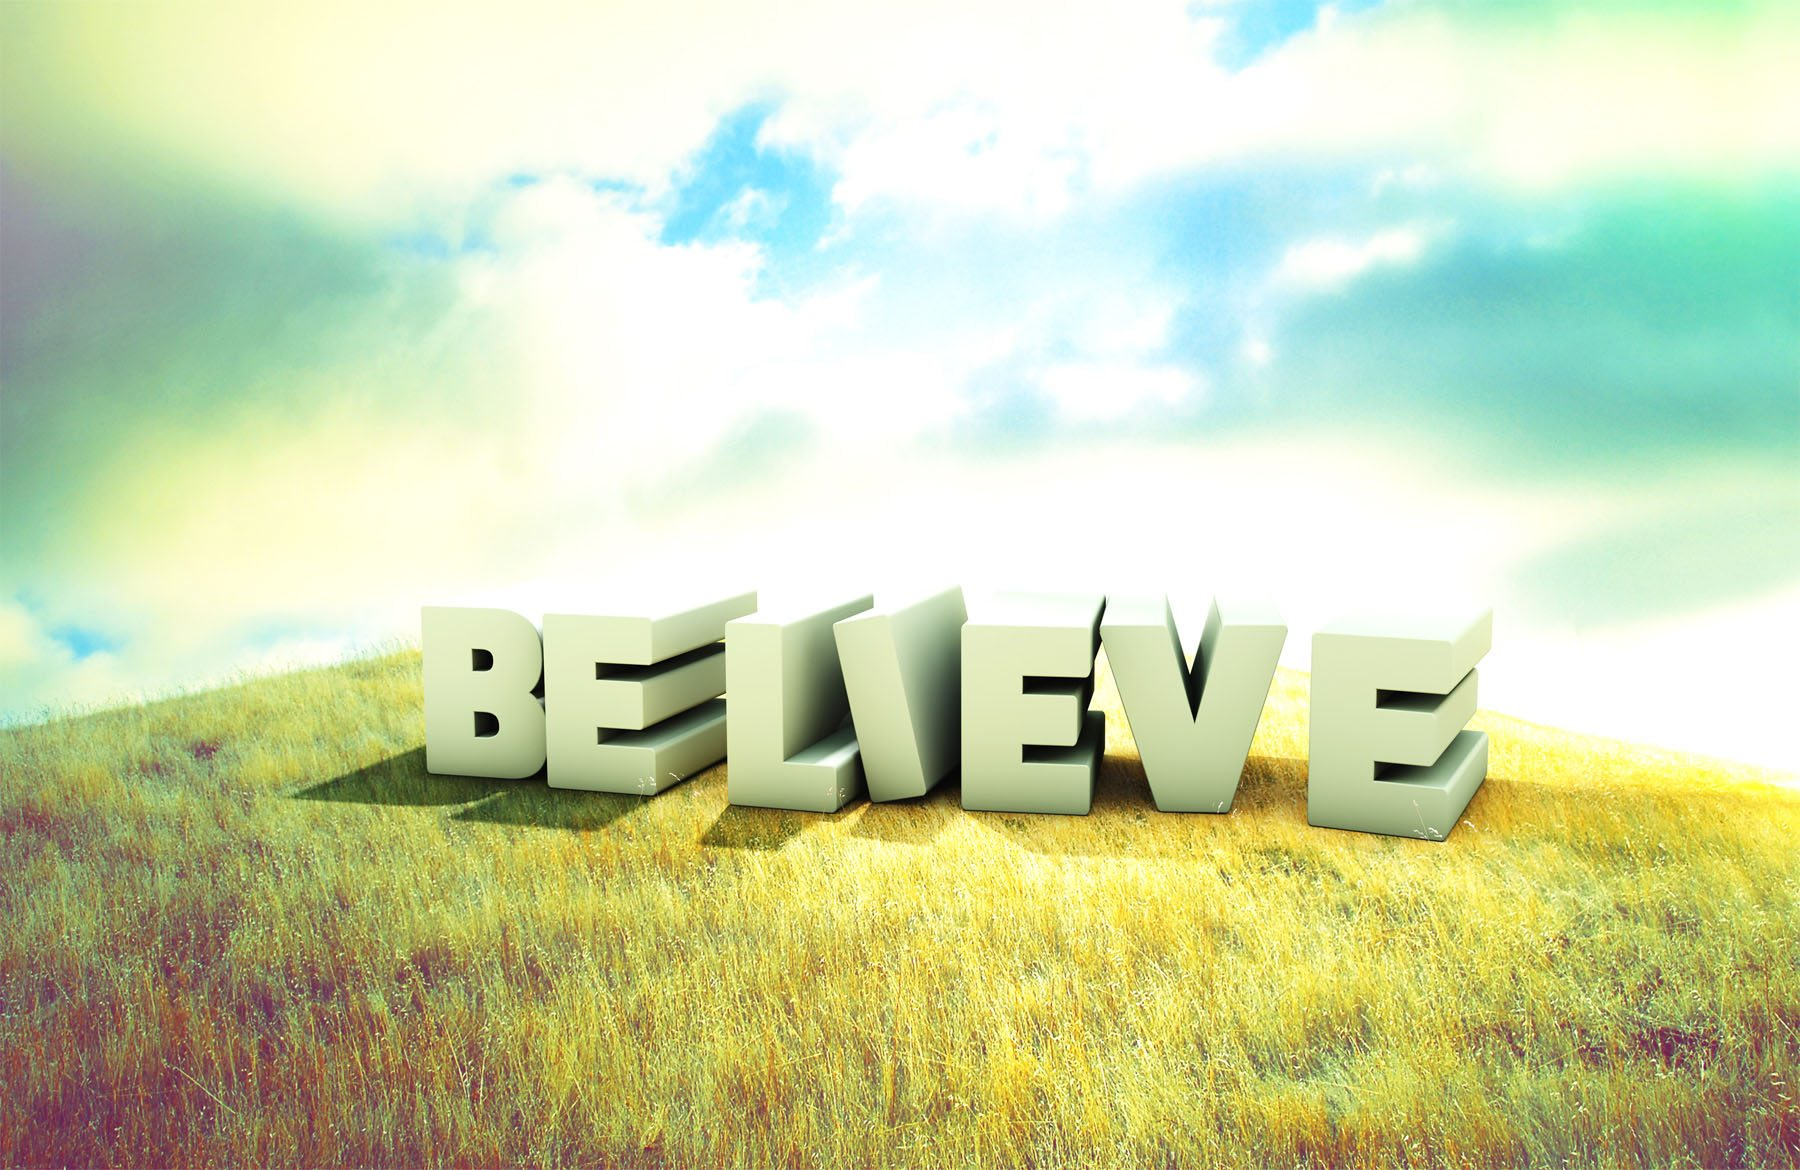 Niềm tin là nguồn động lực duy nhất có thể làm cho sức mạnh trí tuệ tiềm năng được phát huy và biến thành hành động.